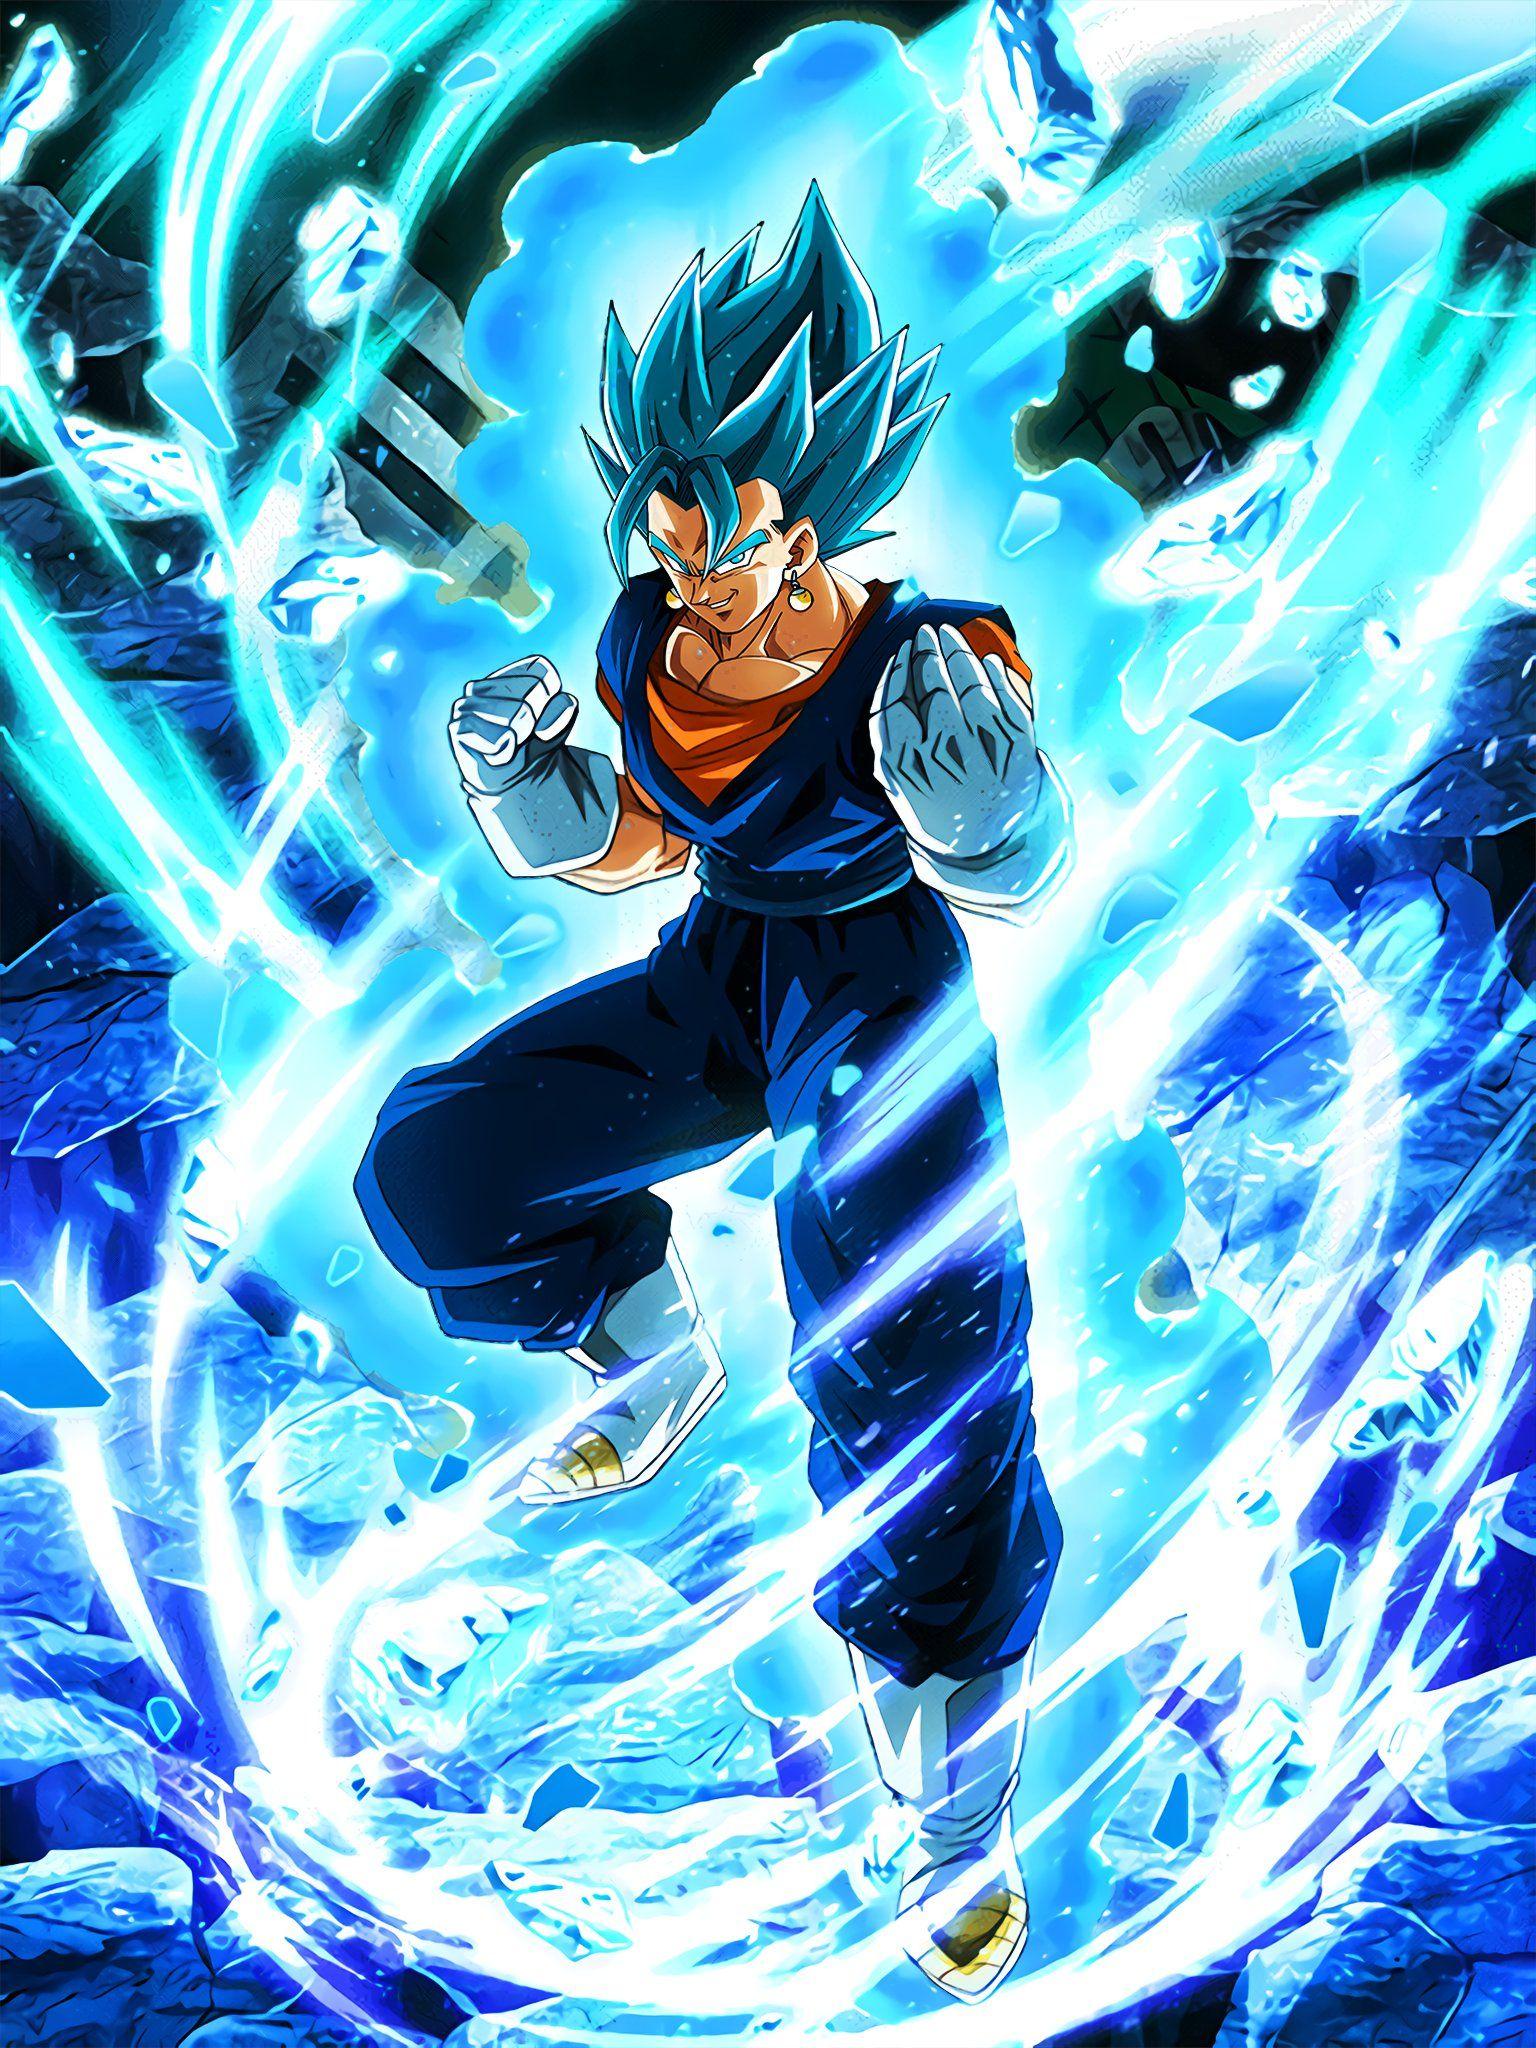 Gogeta Anime Dragon Ball Super Dragon Ball Art Dragon Ball Artwork